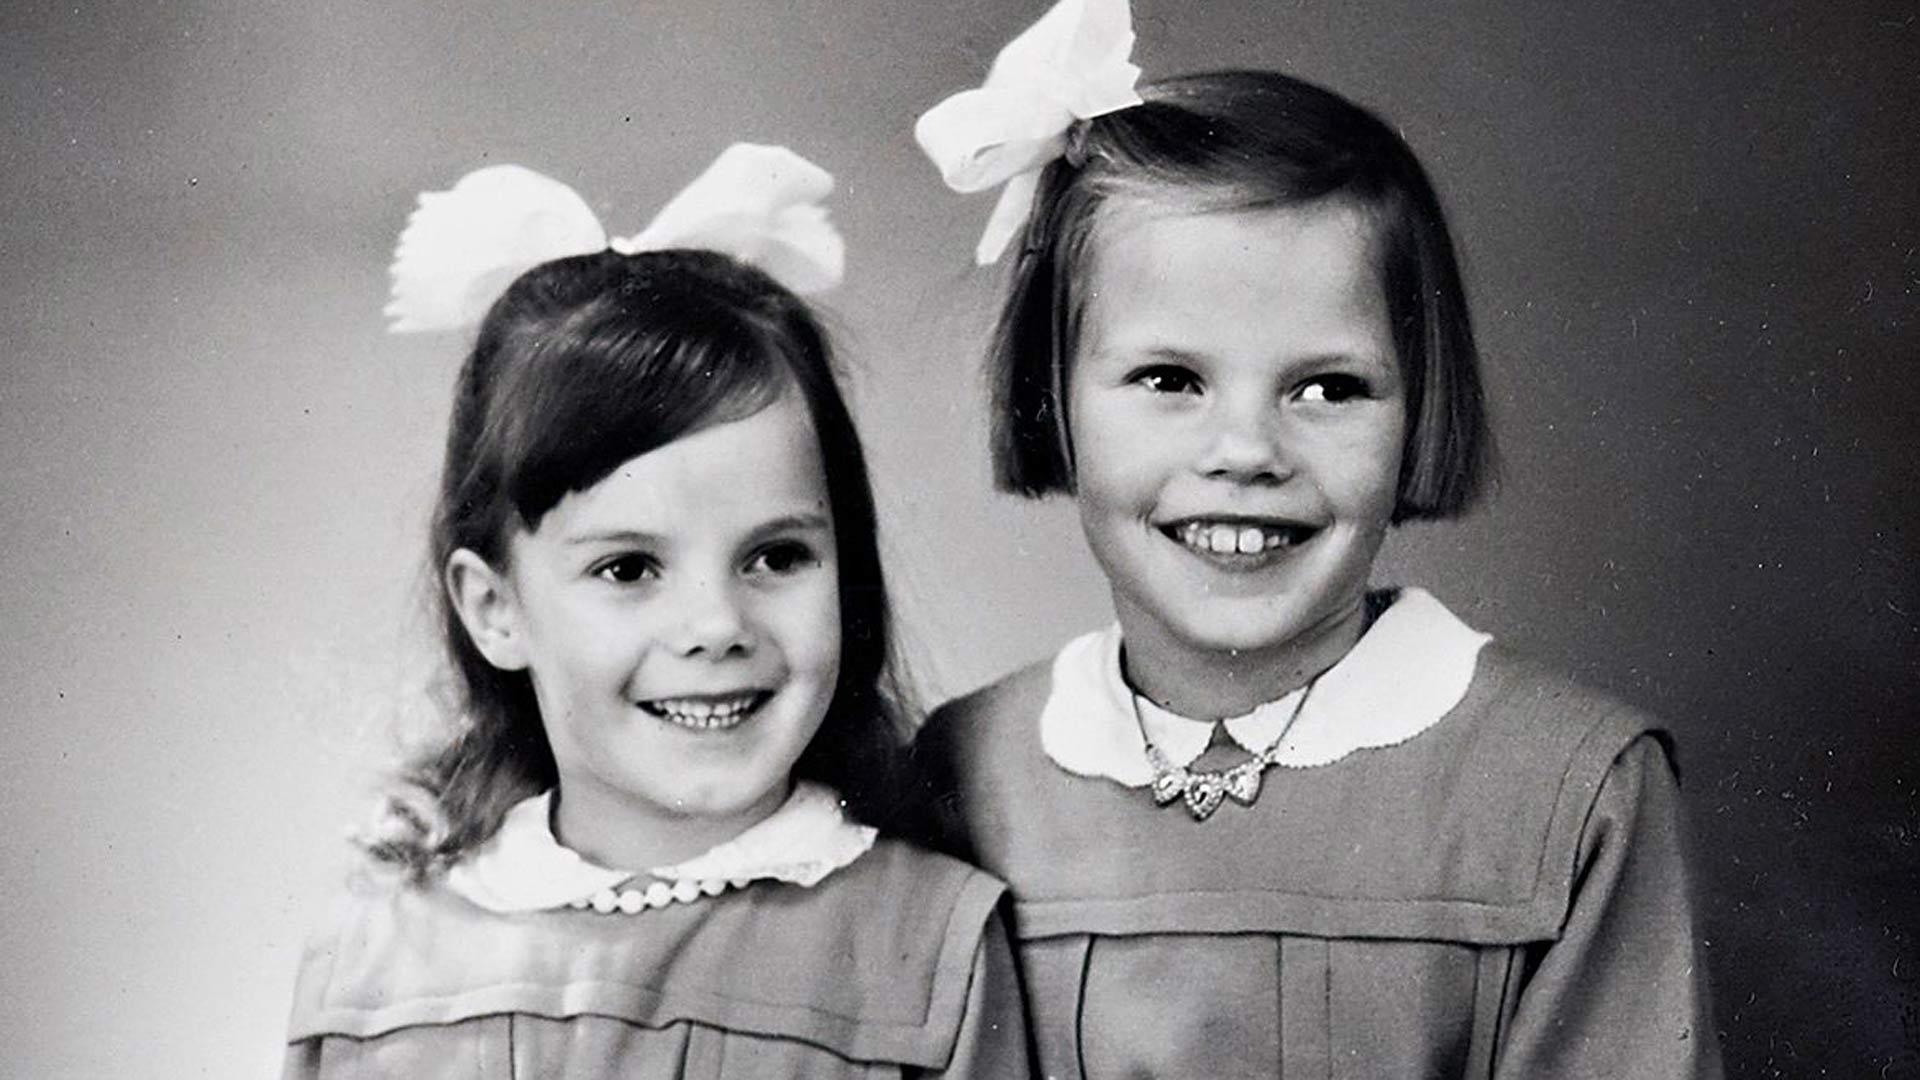 """Marianne ja Britta kuvassa, joka on otettu vähän ennen isän kuolemaa. """"Britan viimeisinä aikoina muistelimme paljon lapsuutta."""""""